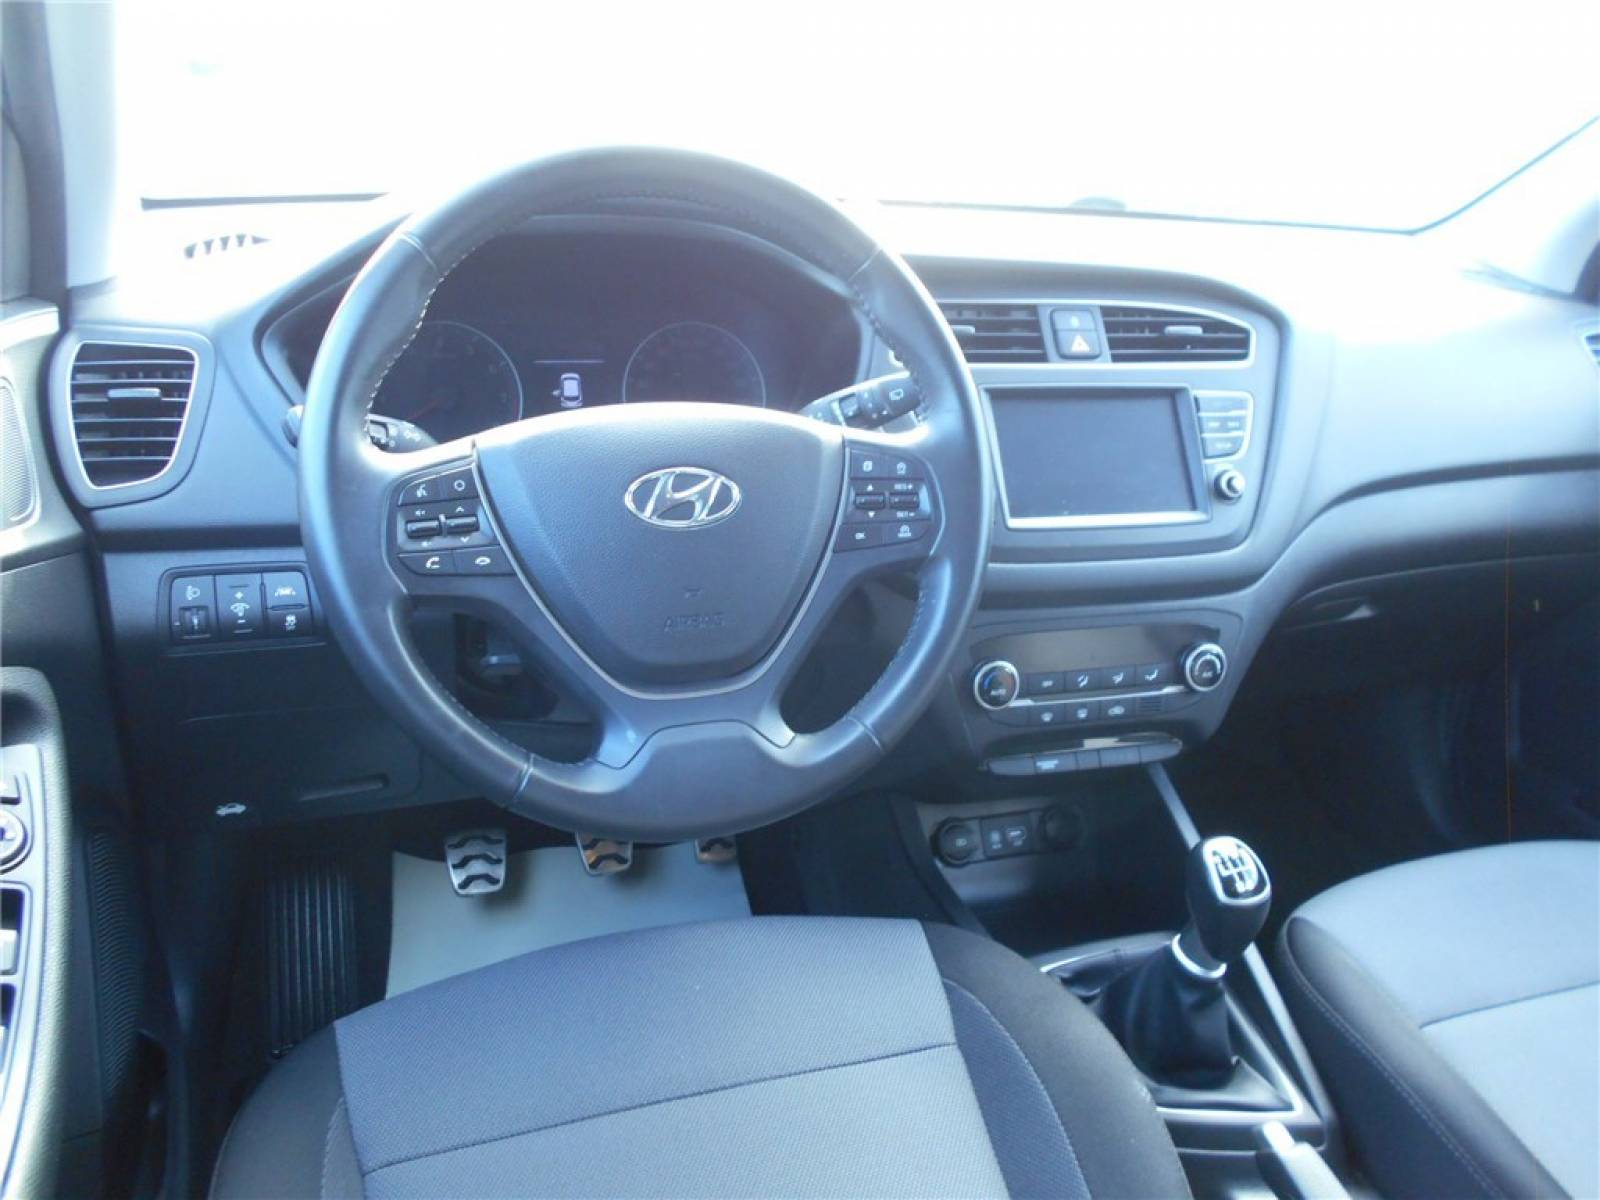 HYUNDAI i20 Active 1.0 T-GDi 100 - véhicule d'occasion - Groupe Guillet - Chalon Automobiles - 71100 - Chalon-sur-Saône - 2